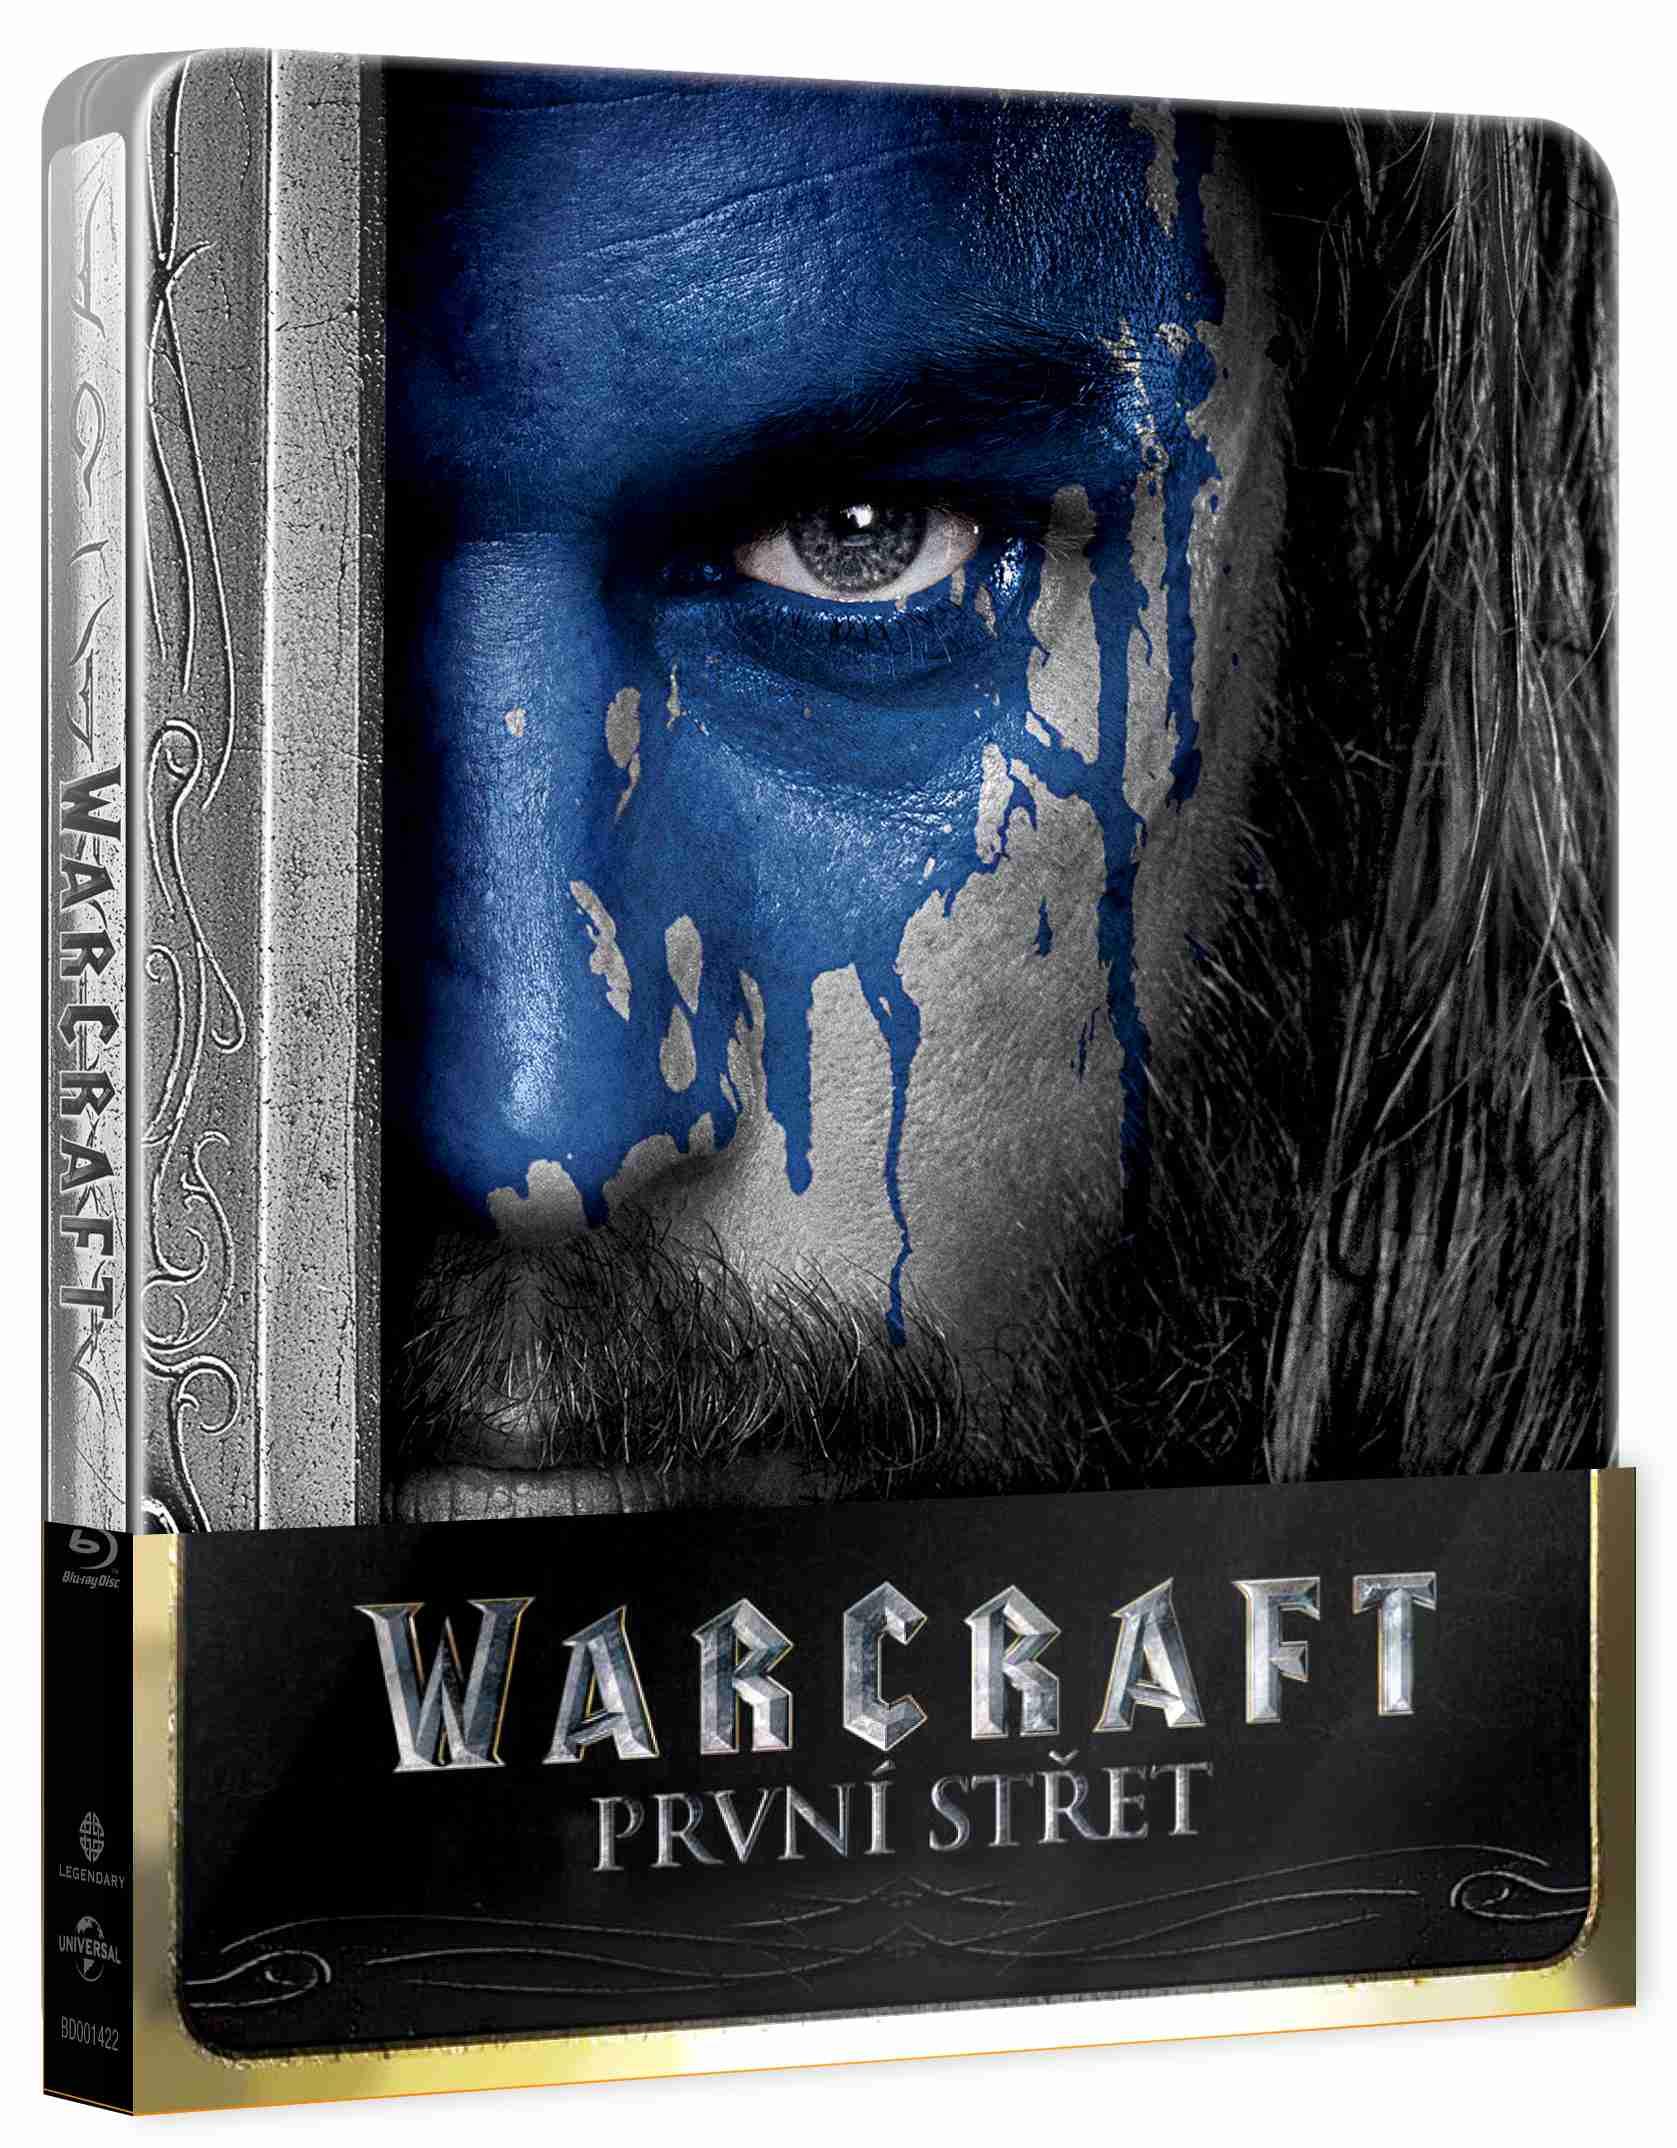 WARCRAFT: PRVNÍ STŘET - Blu-ray STEELBOOK